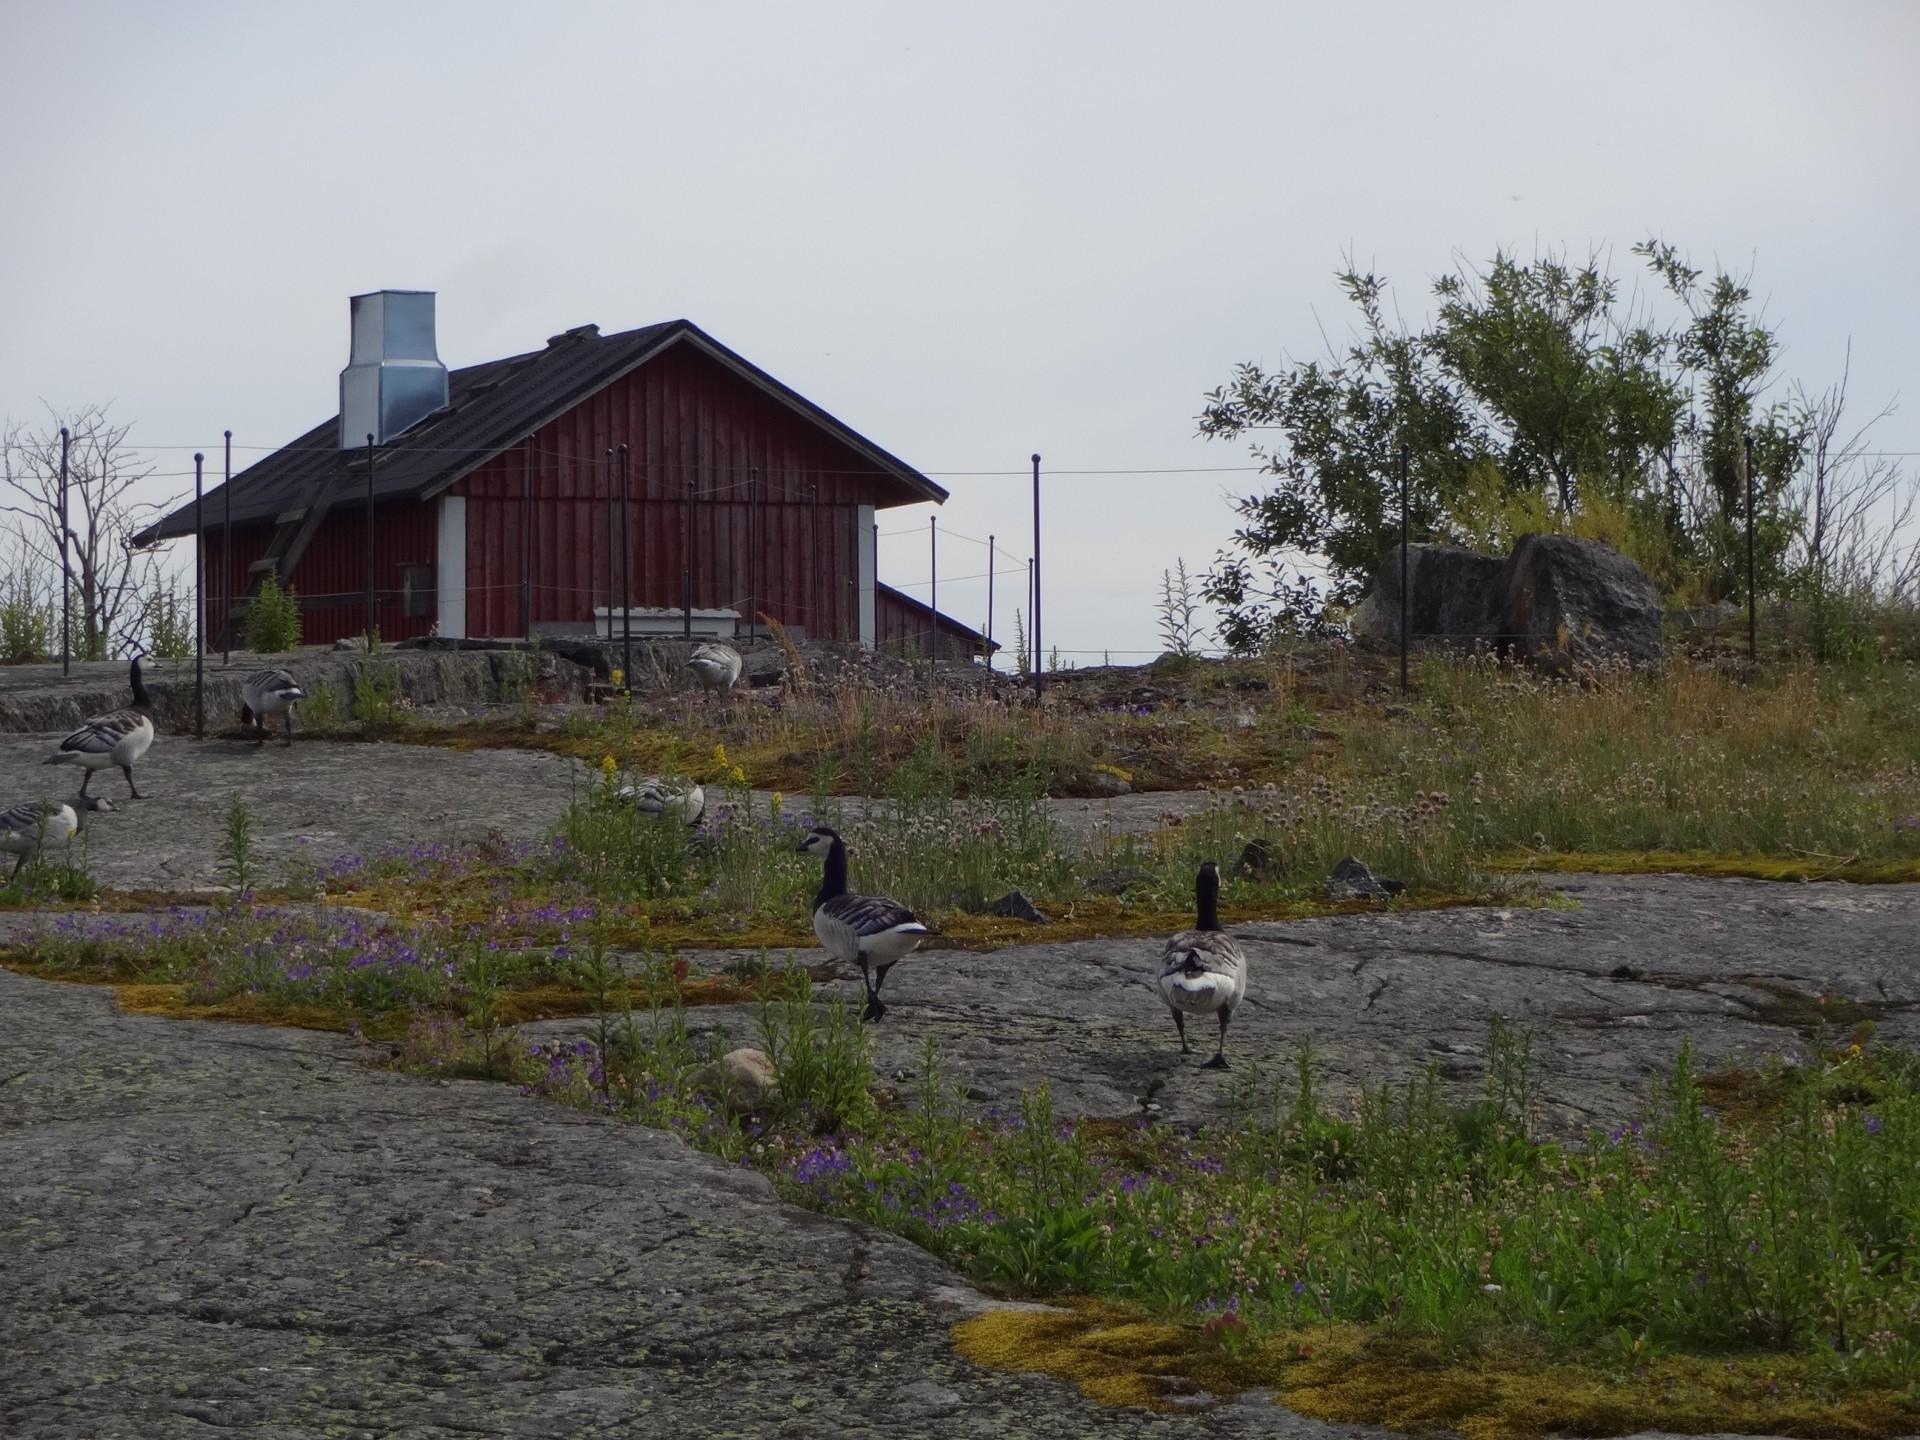 Söderskärillä on runsas linnusto. Saaren kallioilla tepastelee mm. valkoposkihanhia. Luotsluodolla BirdLifen tutkijat tarkkailevat saaren lintukantaa.